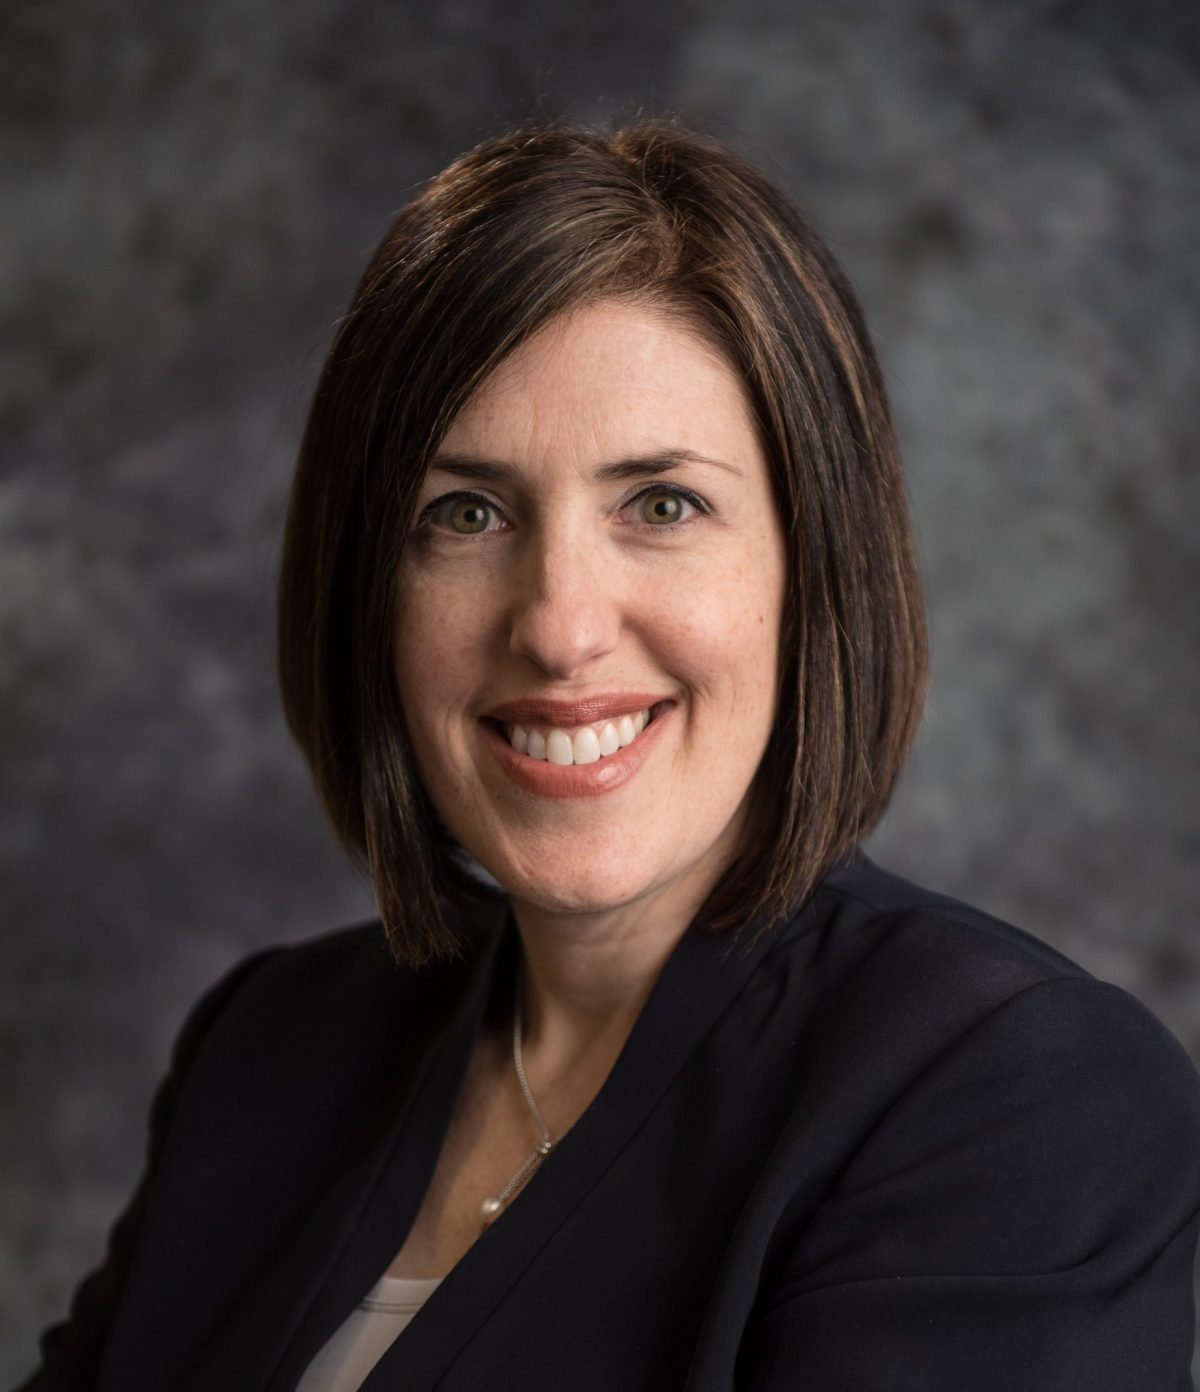 Lisa Lombardo, Admissions & Program Coordinator